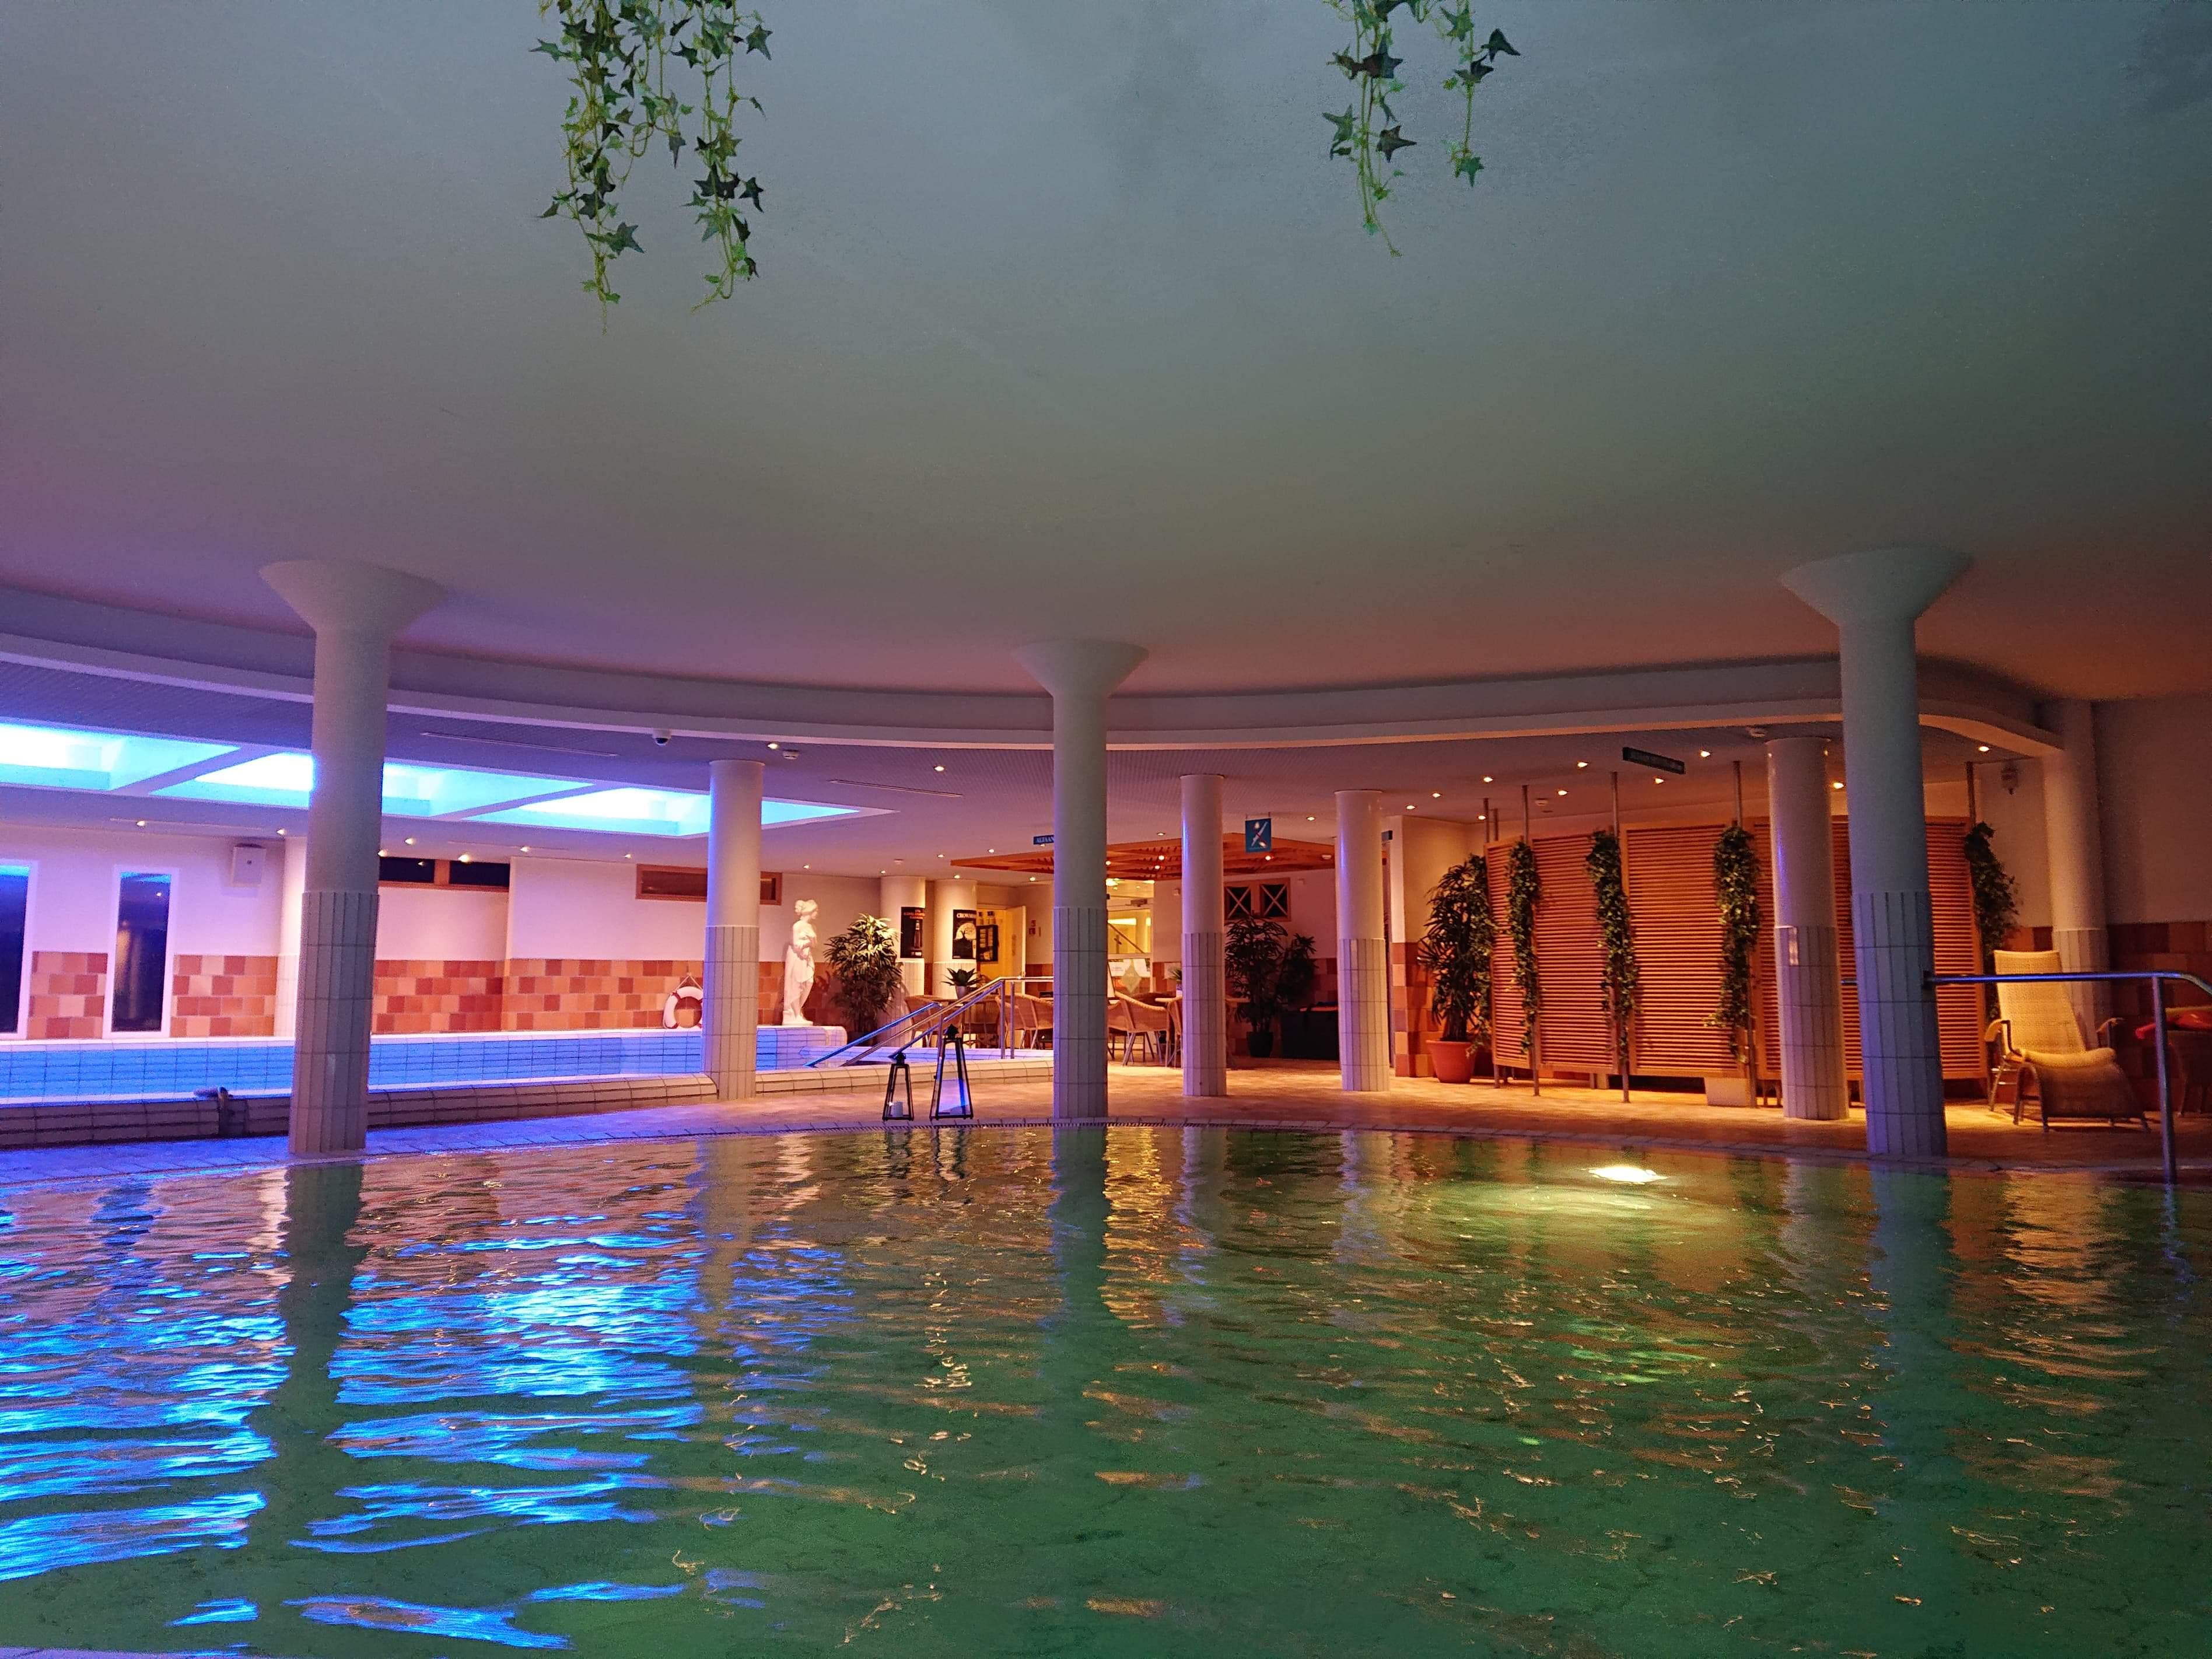 Pikaloma Ruissalon kylpylässä day 2